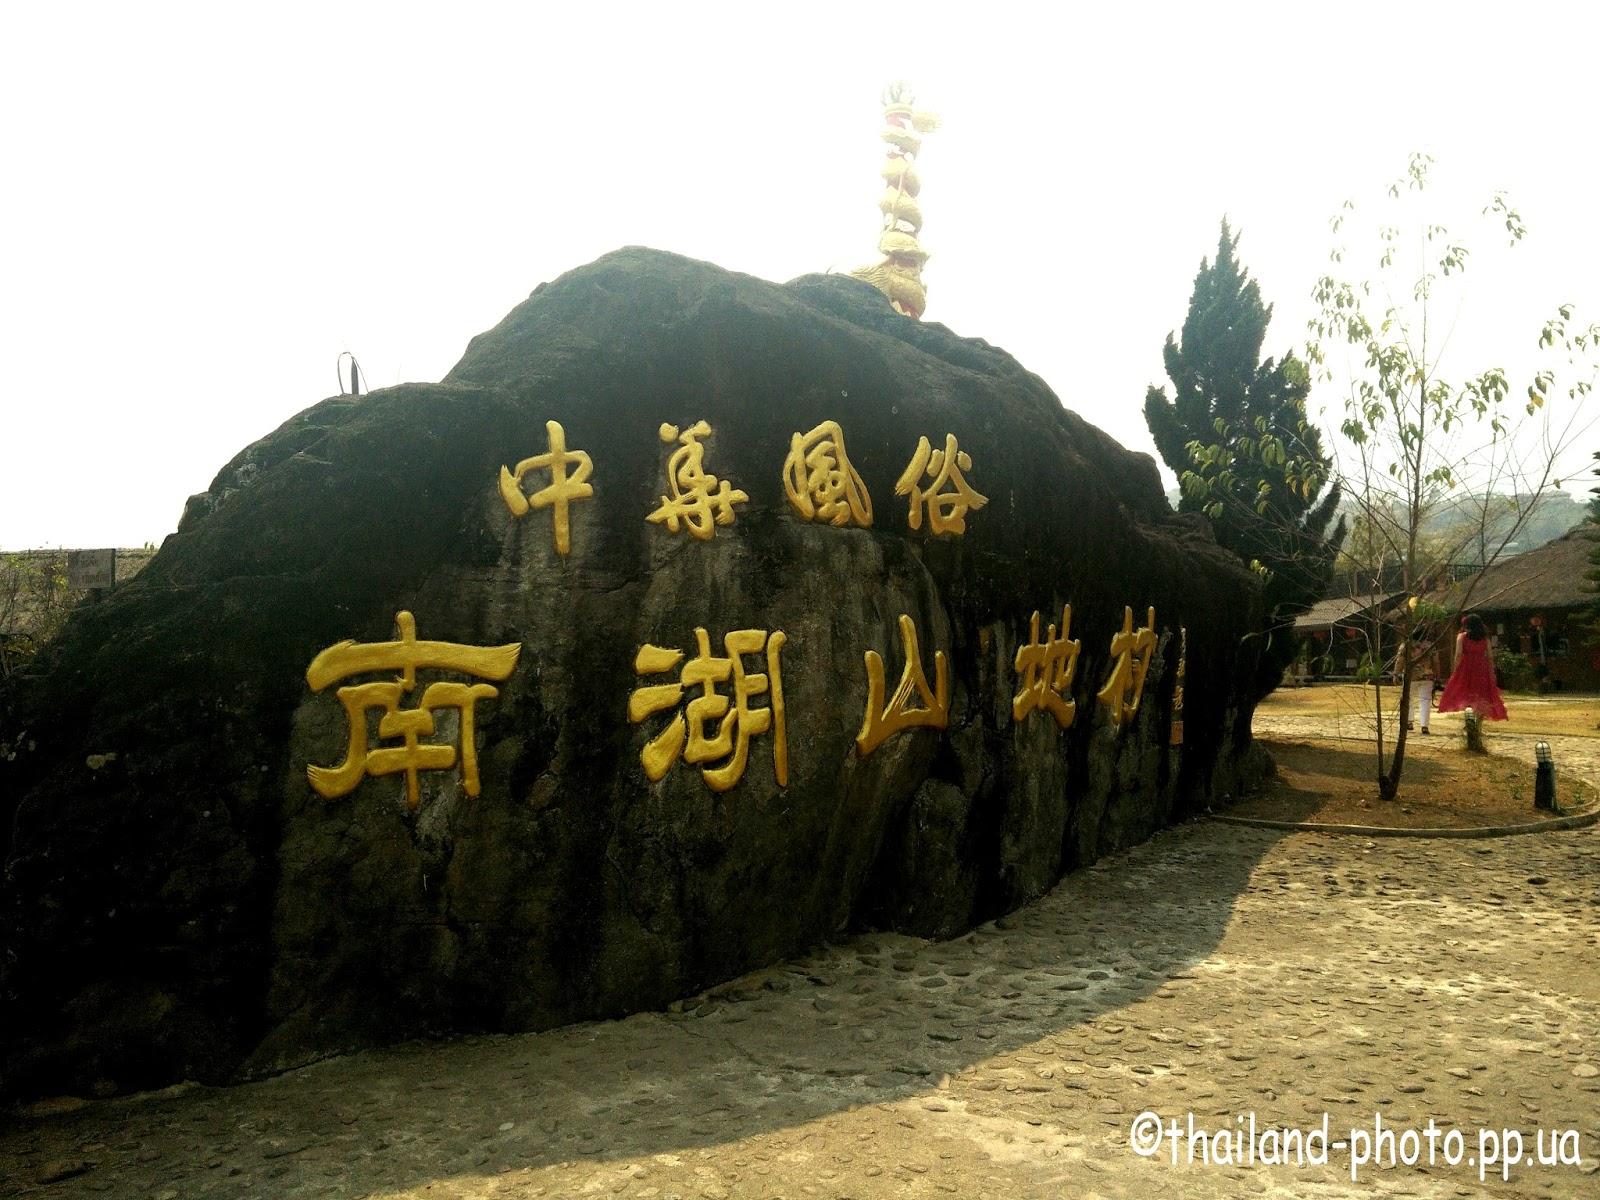 Китайская деревня в г. Пай